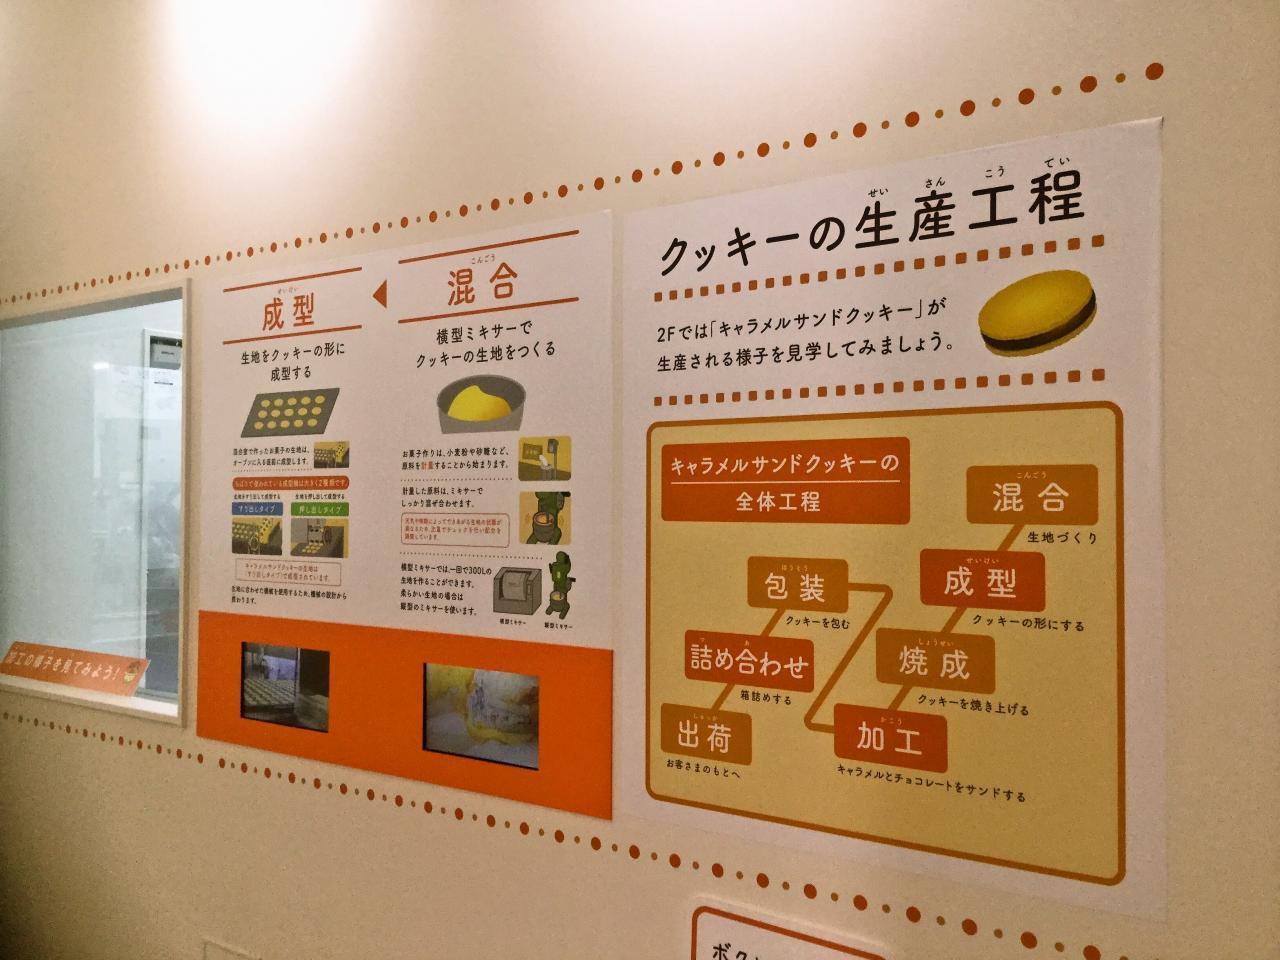 ちぼり湯河原スイーツファクトリー(工場見学)